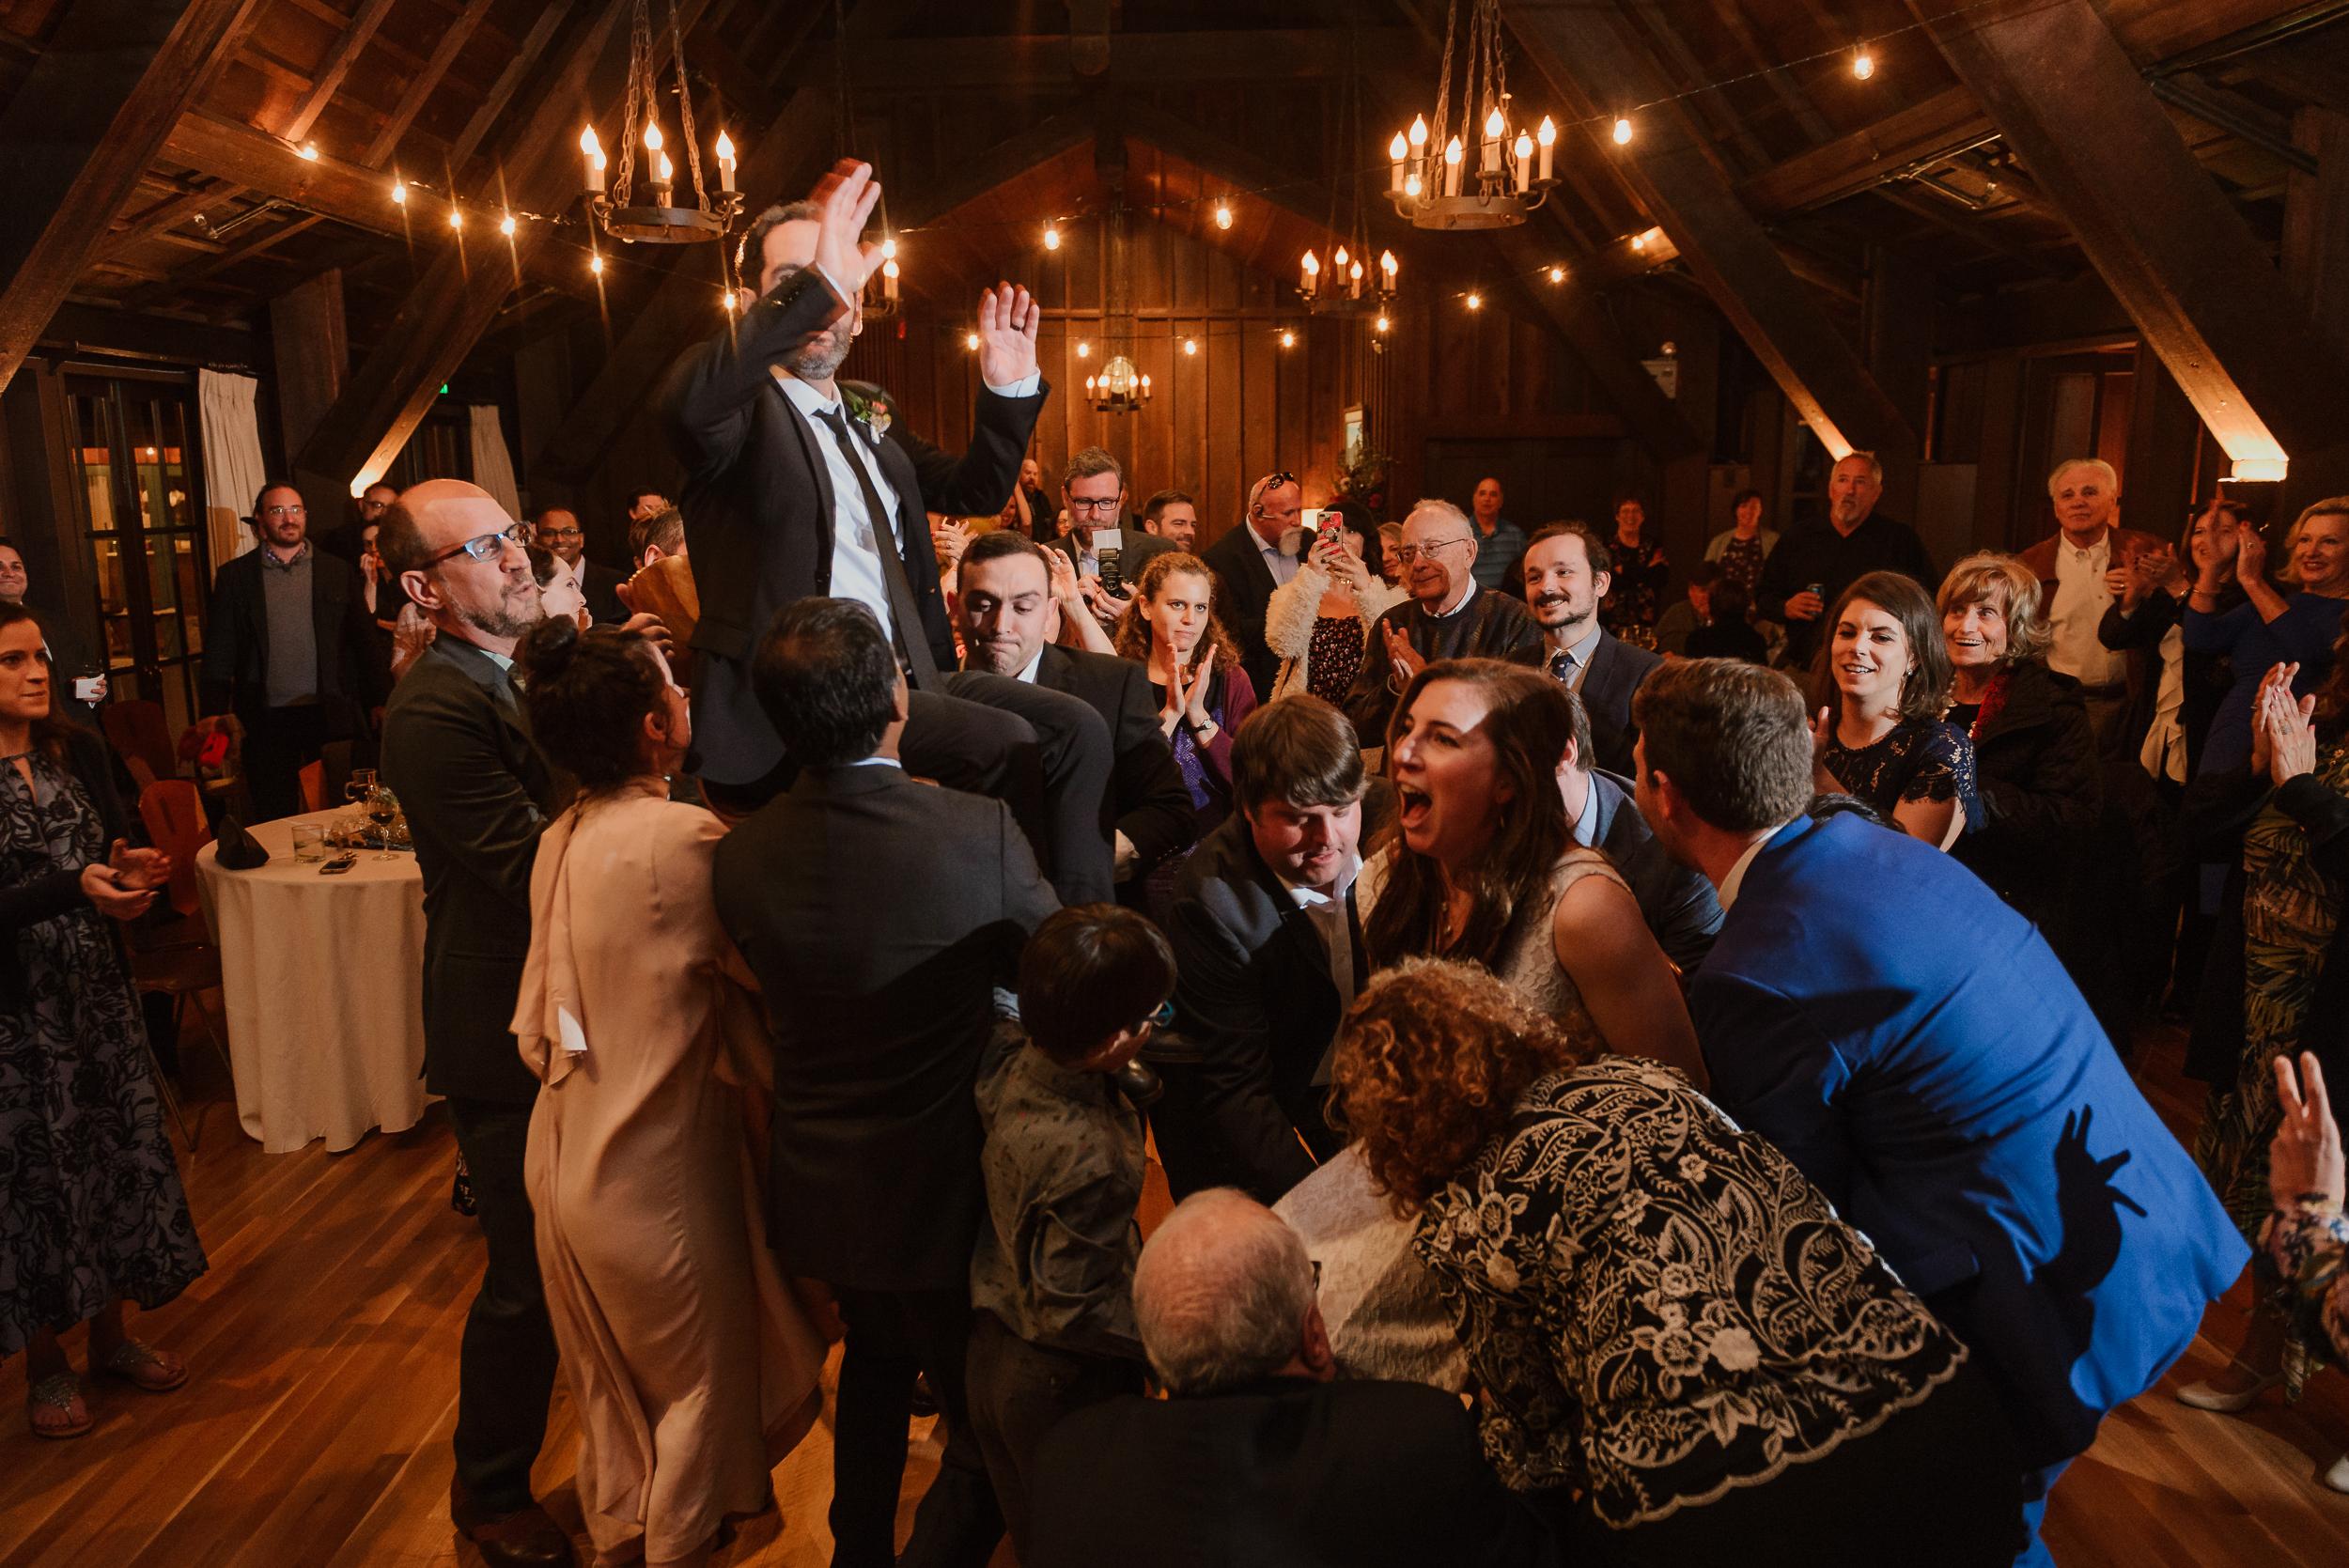 079winter-mill-valley-wedding-outdoor-art-club-wedding-vivianchen-449.jpg